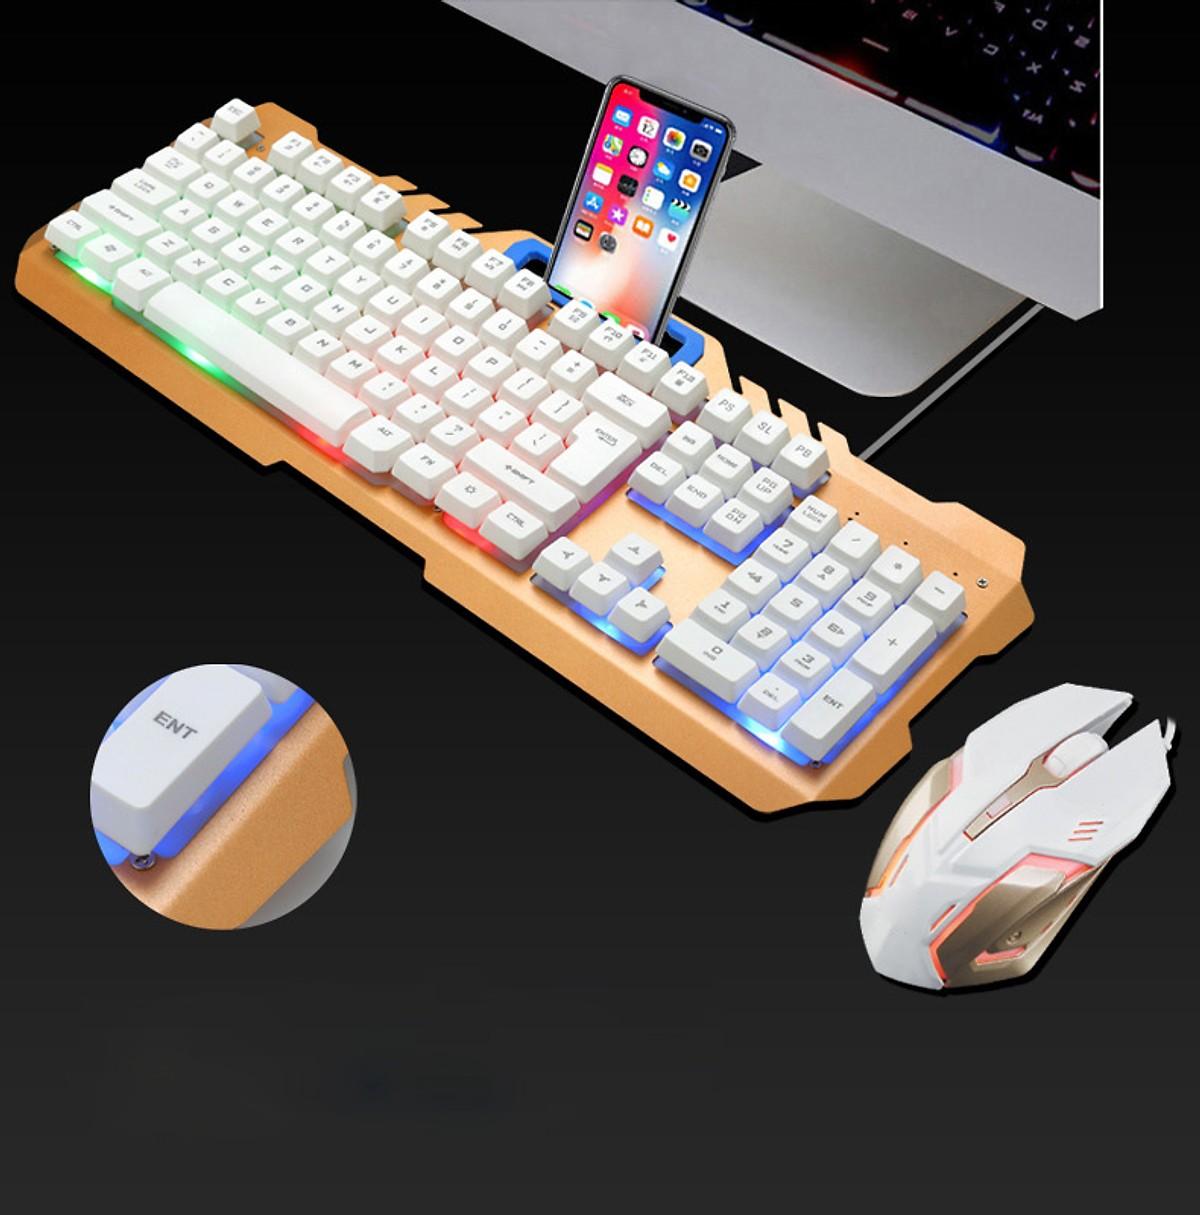 Combo Bộ Bàn Phím và Chuột Ốp Kim Loại Chuyên Game T21 Có Dây, Chuyên Game, Có Khe Để Điện Thoại + Tai Nghe Bluetooth Cảm Ứng Cao Câp)